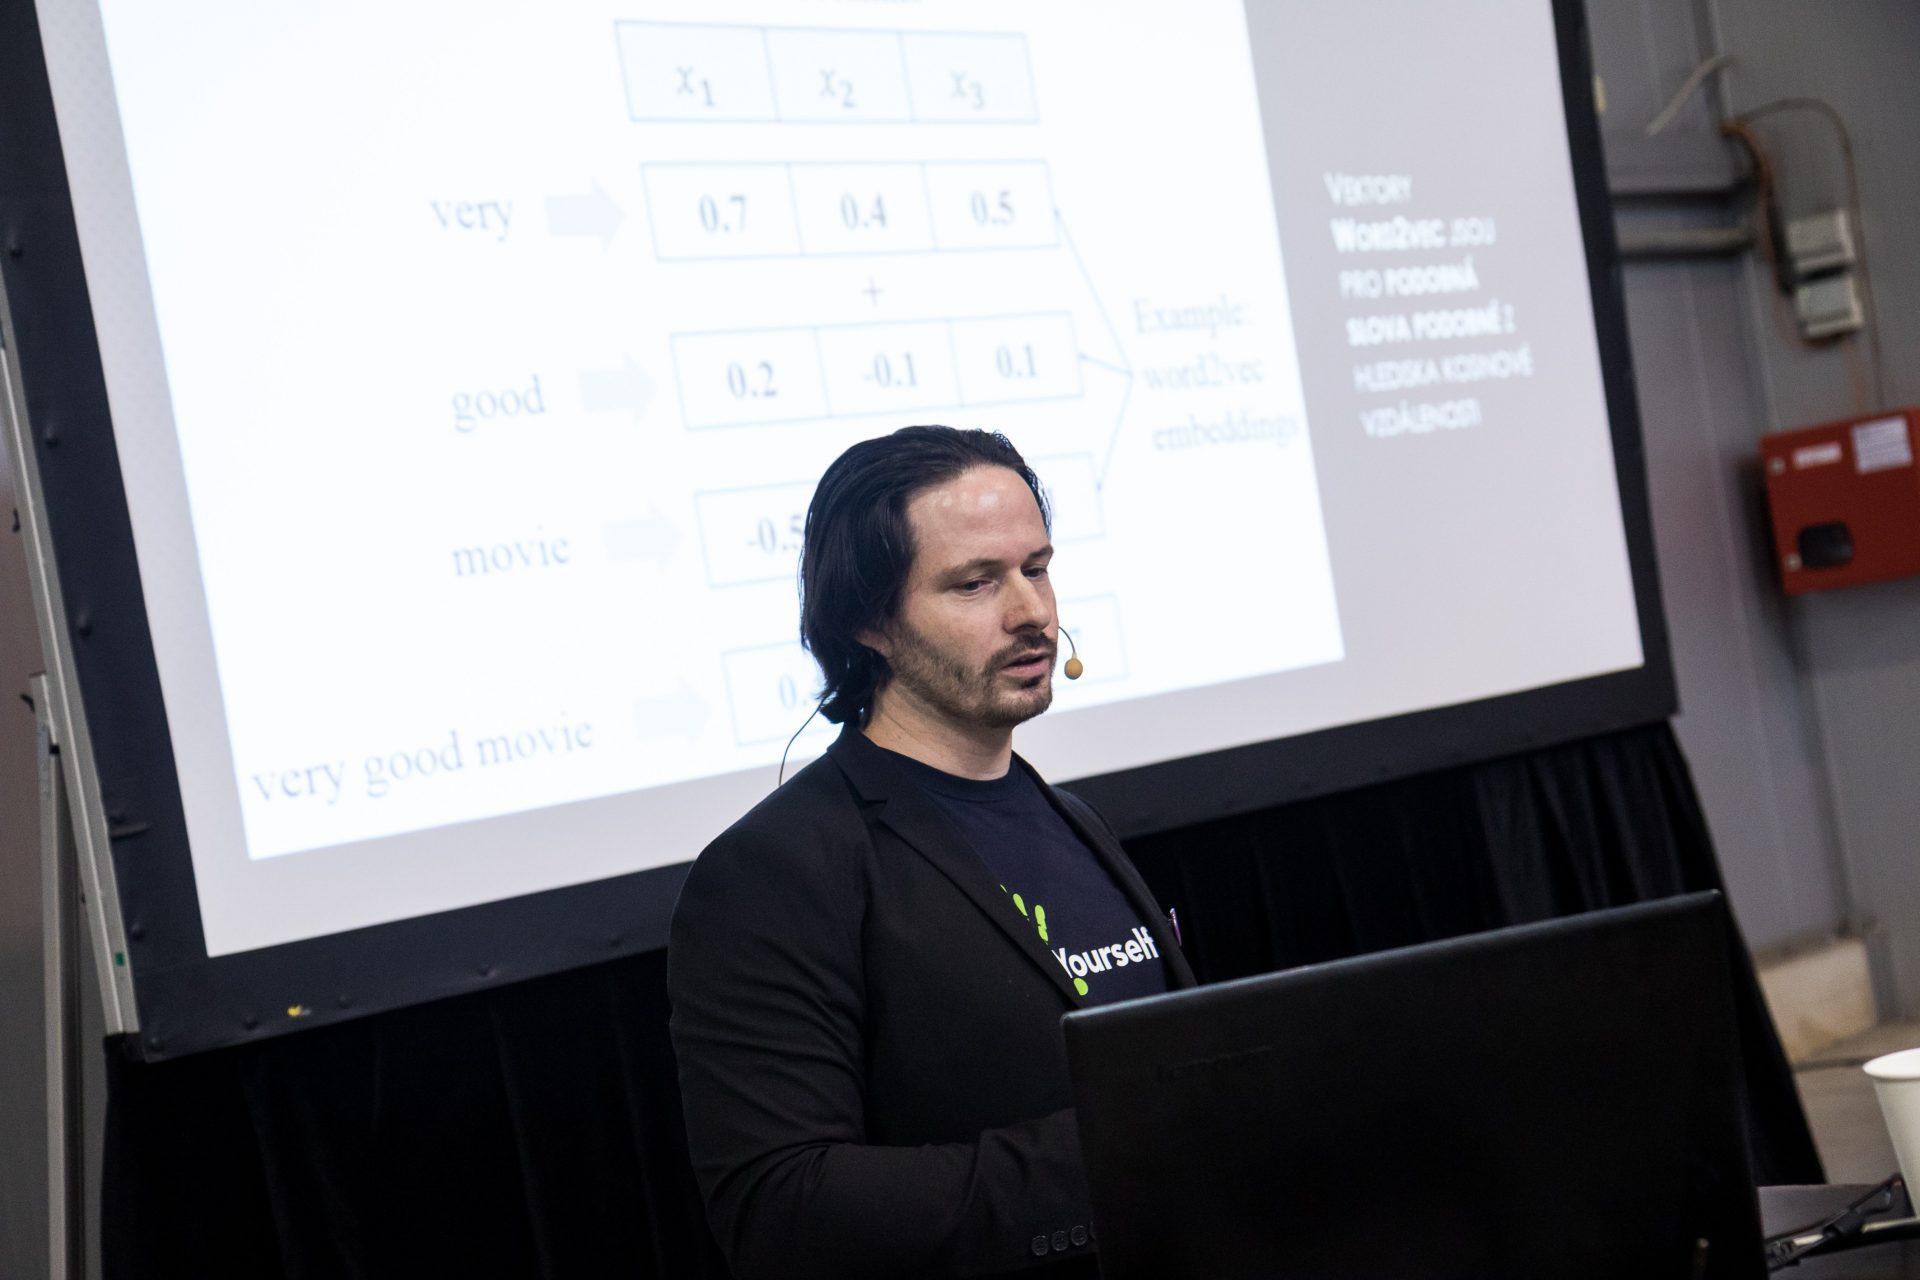 Jobs Dev 2019 představí v doprovodném programu hned několik řečníků